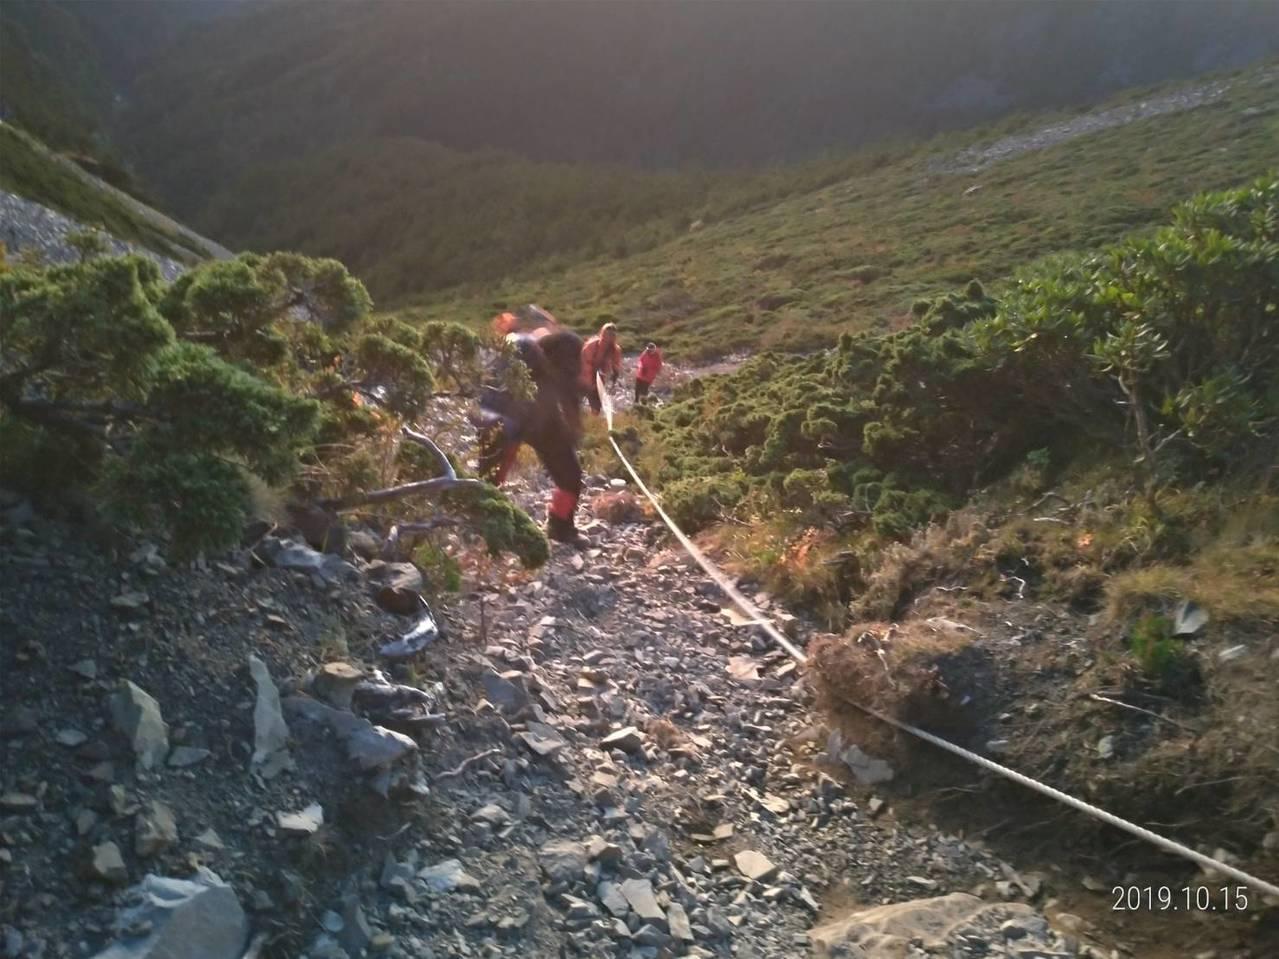 北市張姓男子14日獨攀雪山聖陵線,遇高山症險死。 記者陳宏睿/翻攝